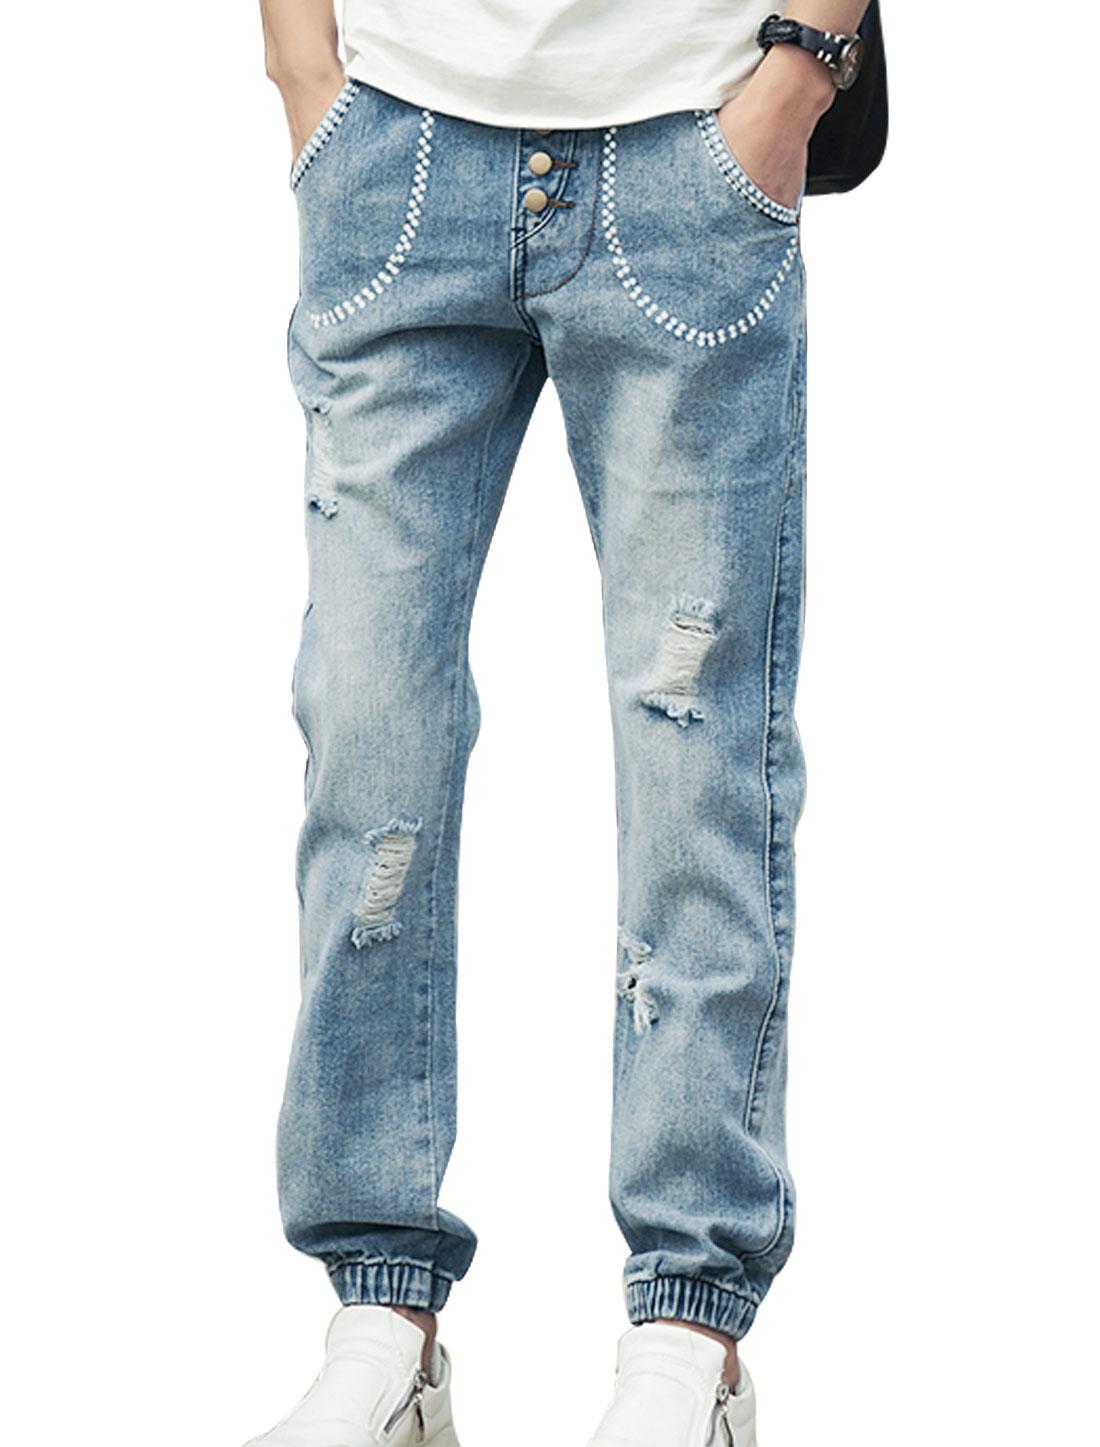 Men Elastic Waist Mid Rise Dots Prints Detail Casual Jeans Blue W30